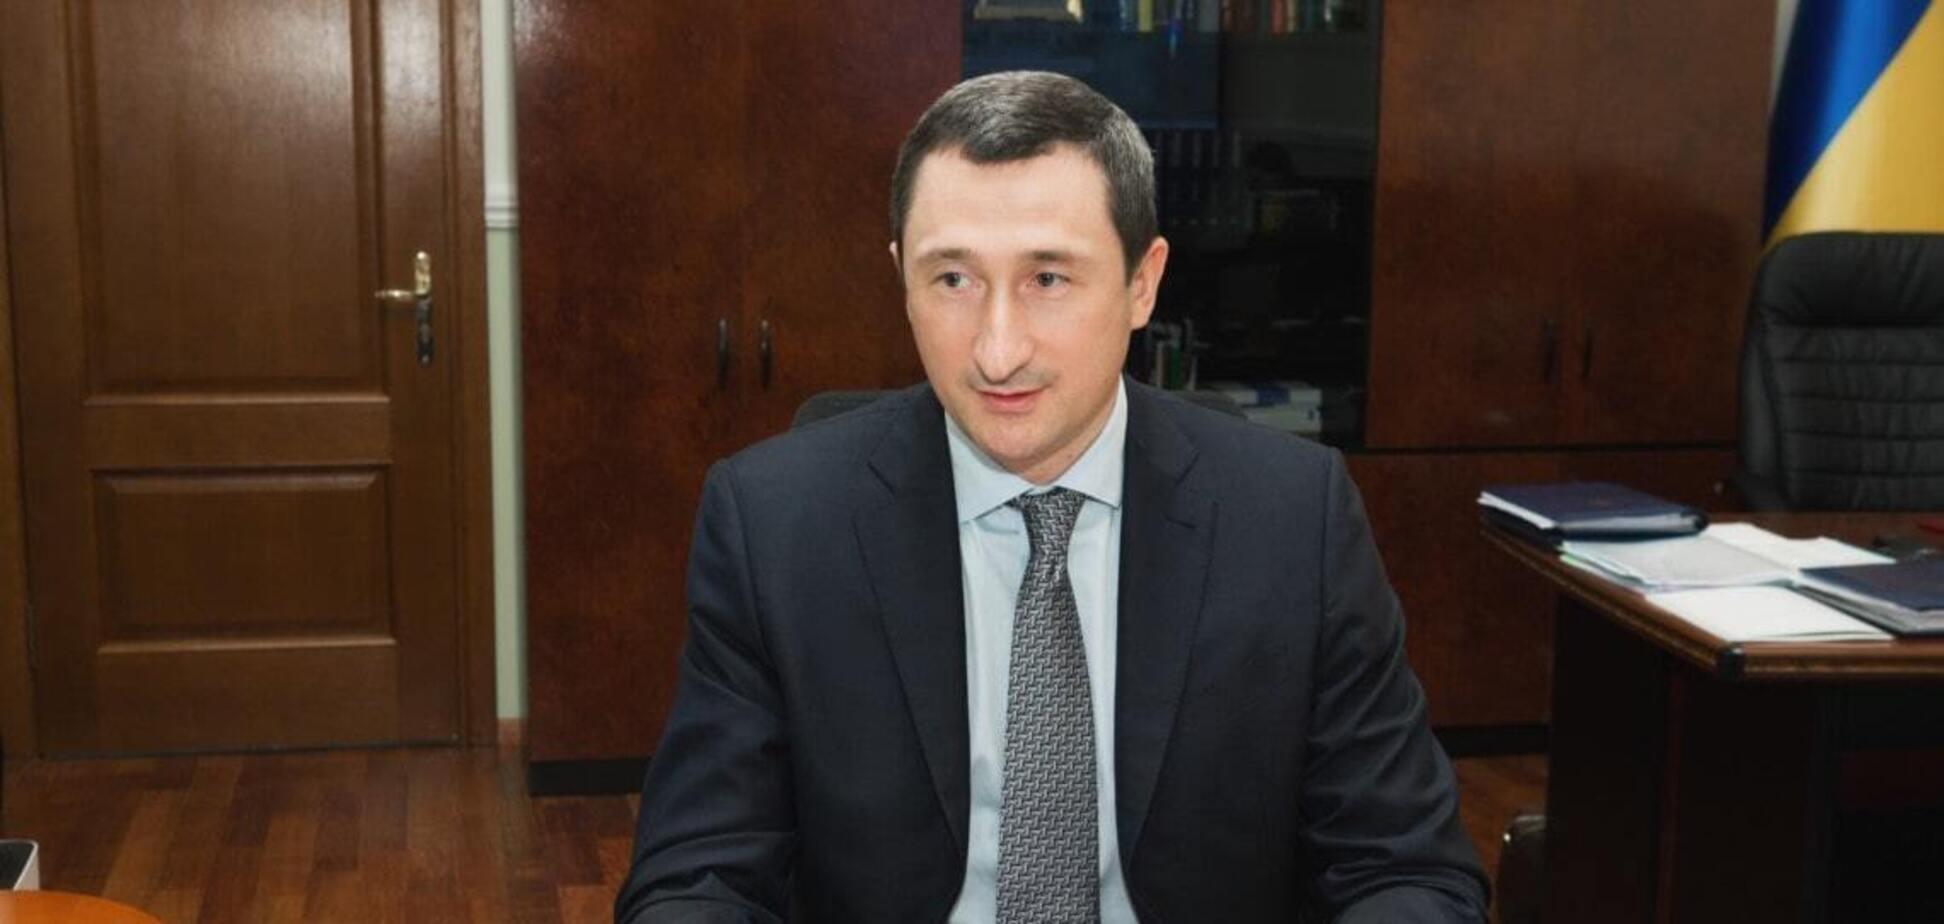 Чернишов може стати новим прем'єр-міністром вже восени, – аналітик